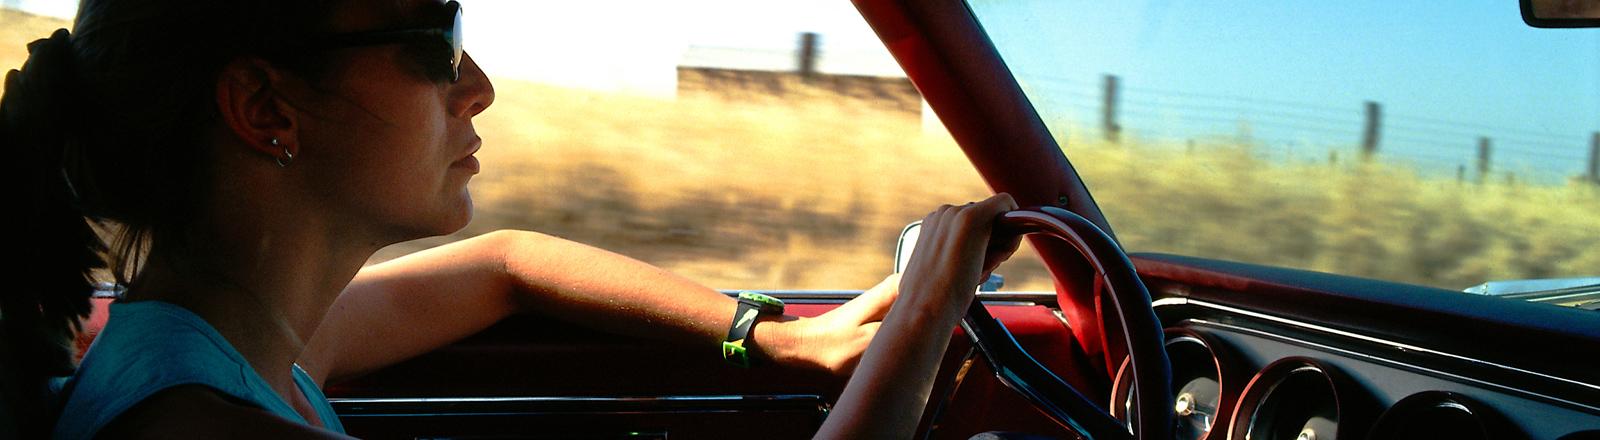 Frau sitzt am Steuer eines Autos.